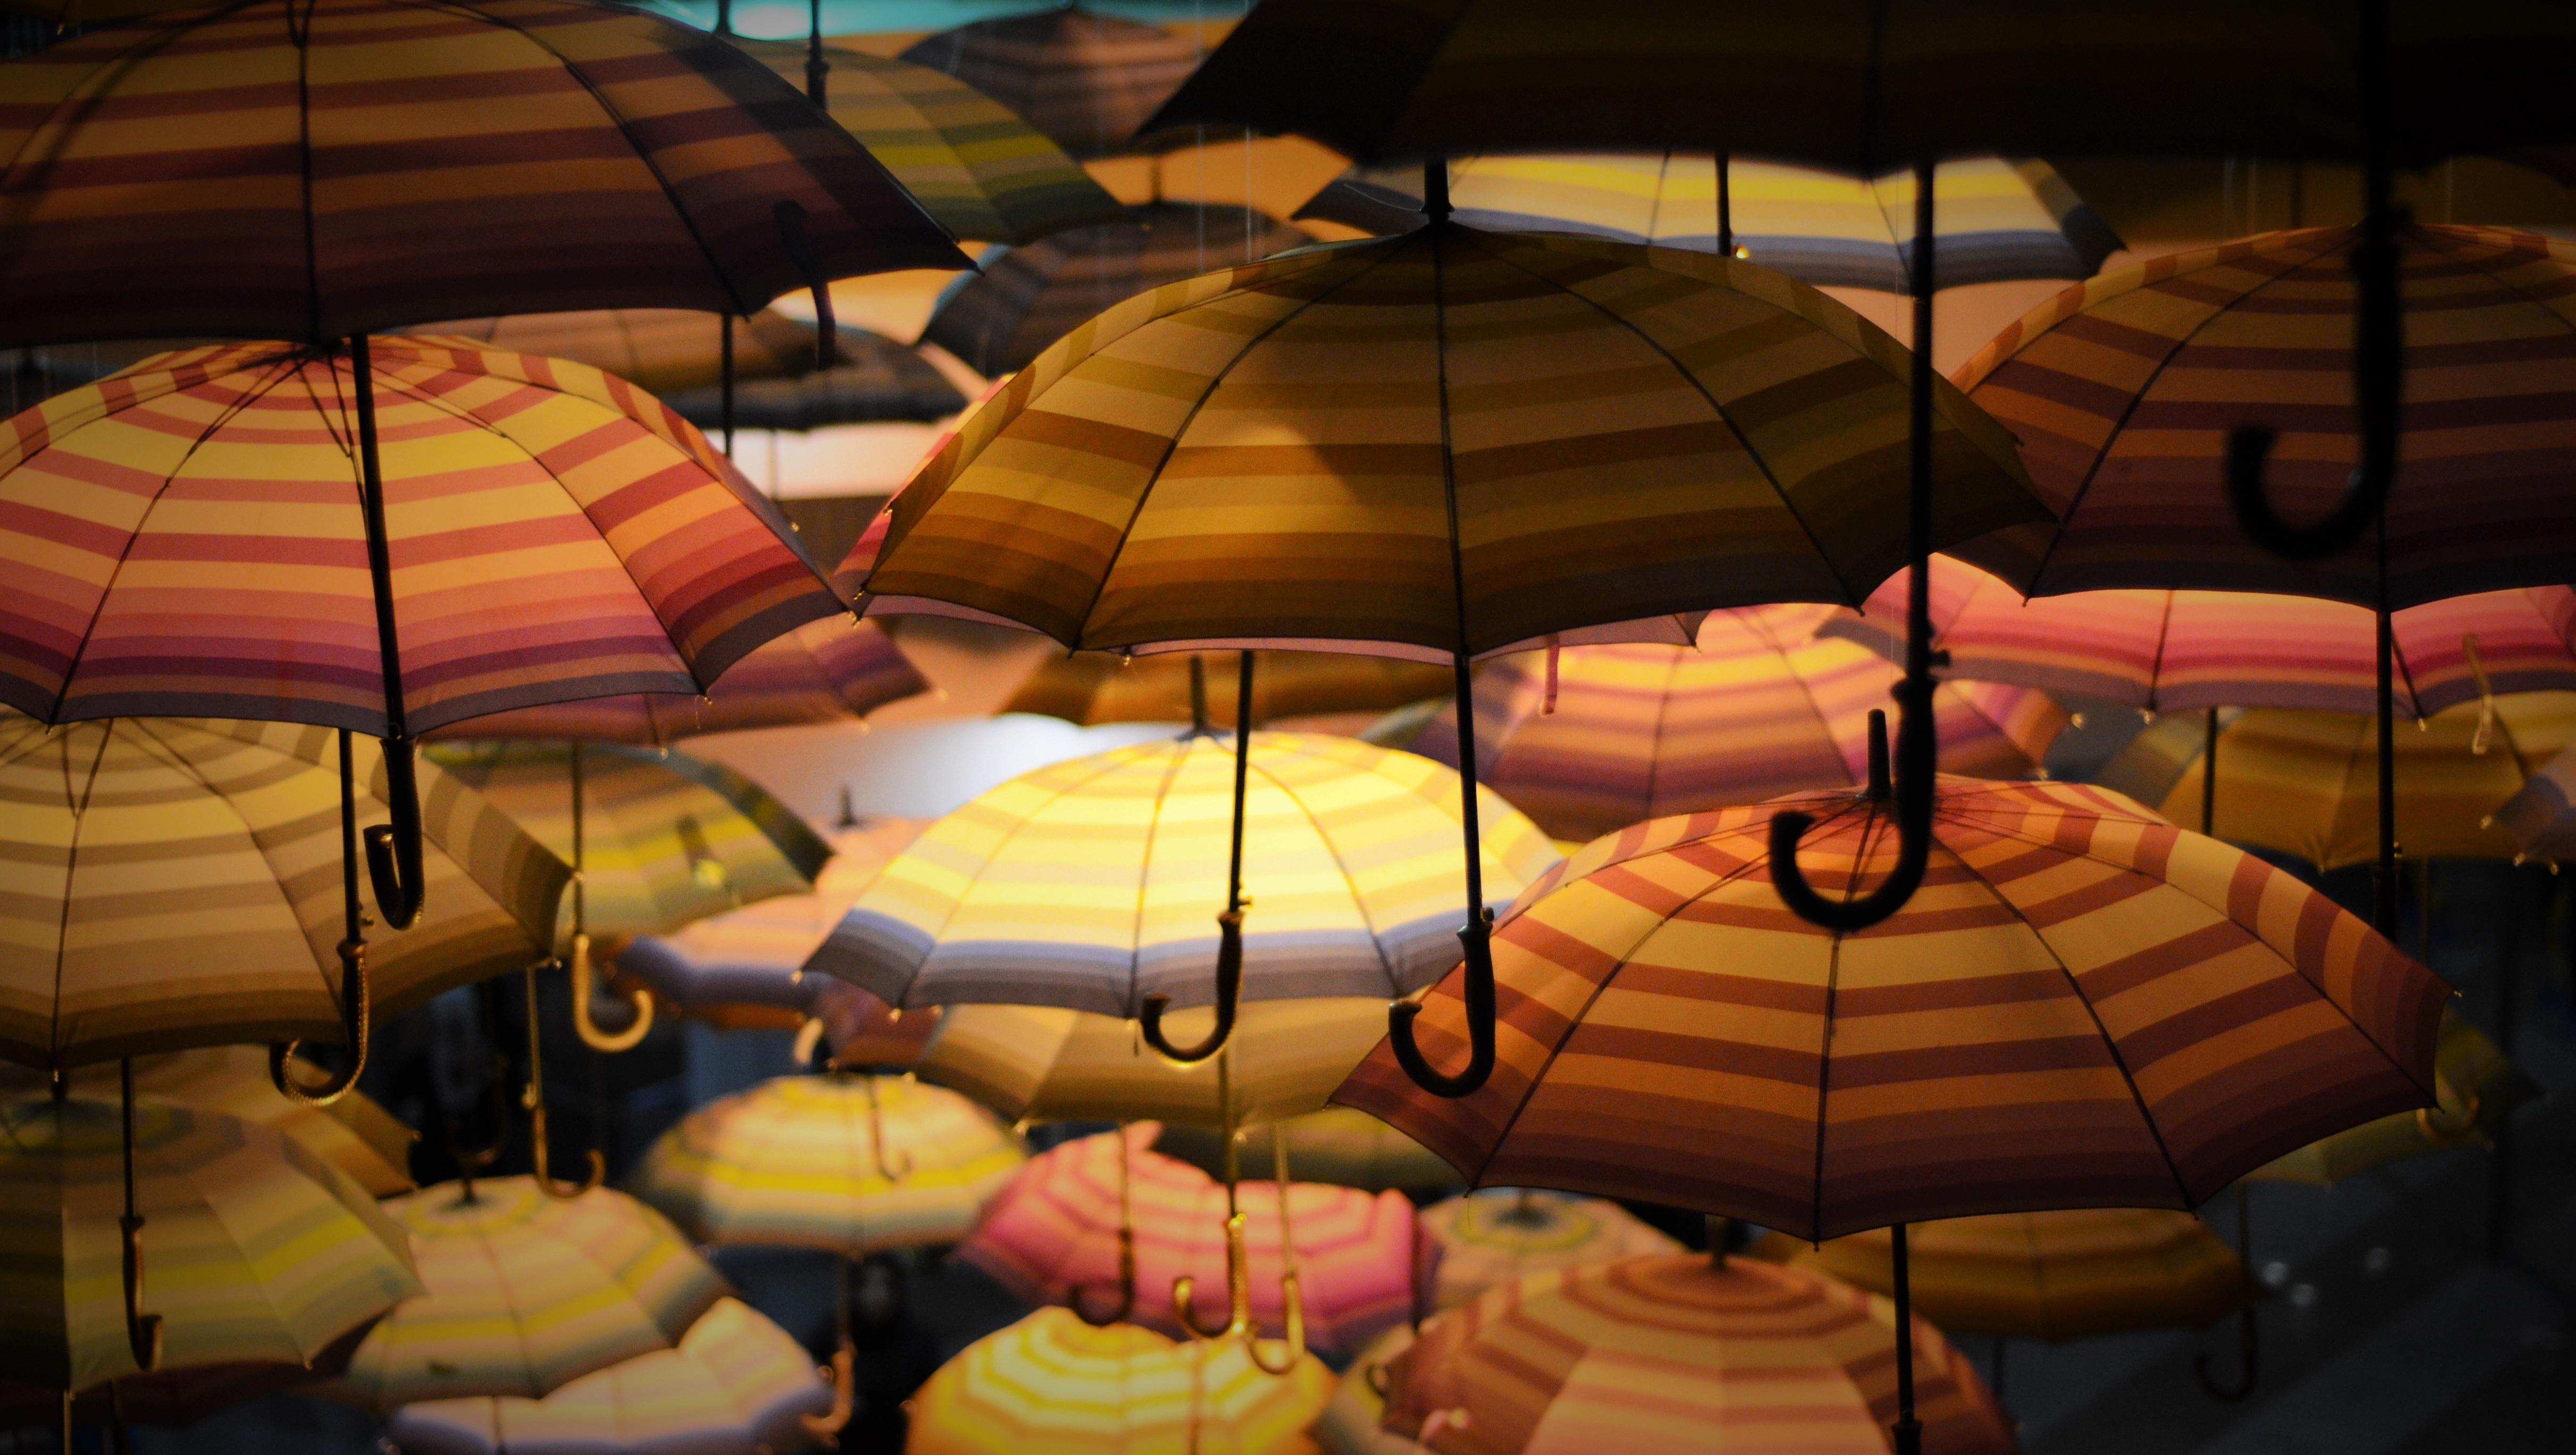 Immagini belle ombrello illuminazione oggetto creato dall uomo